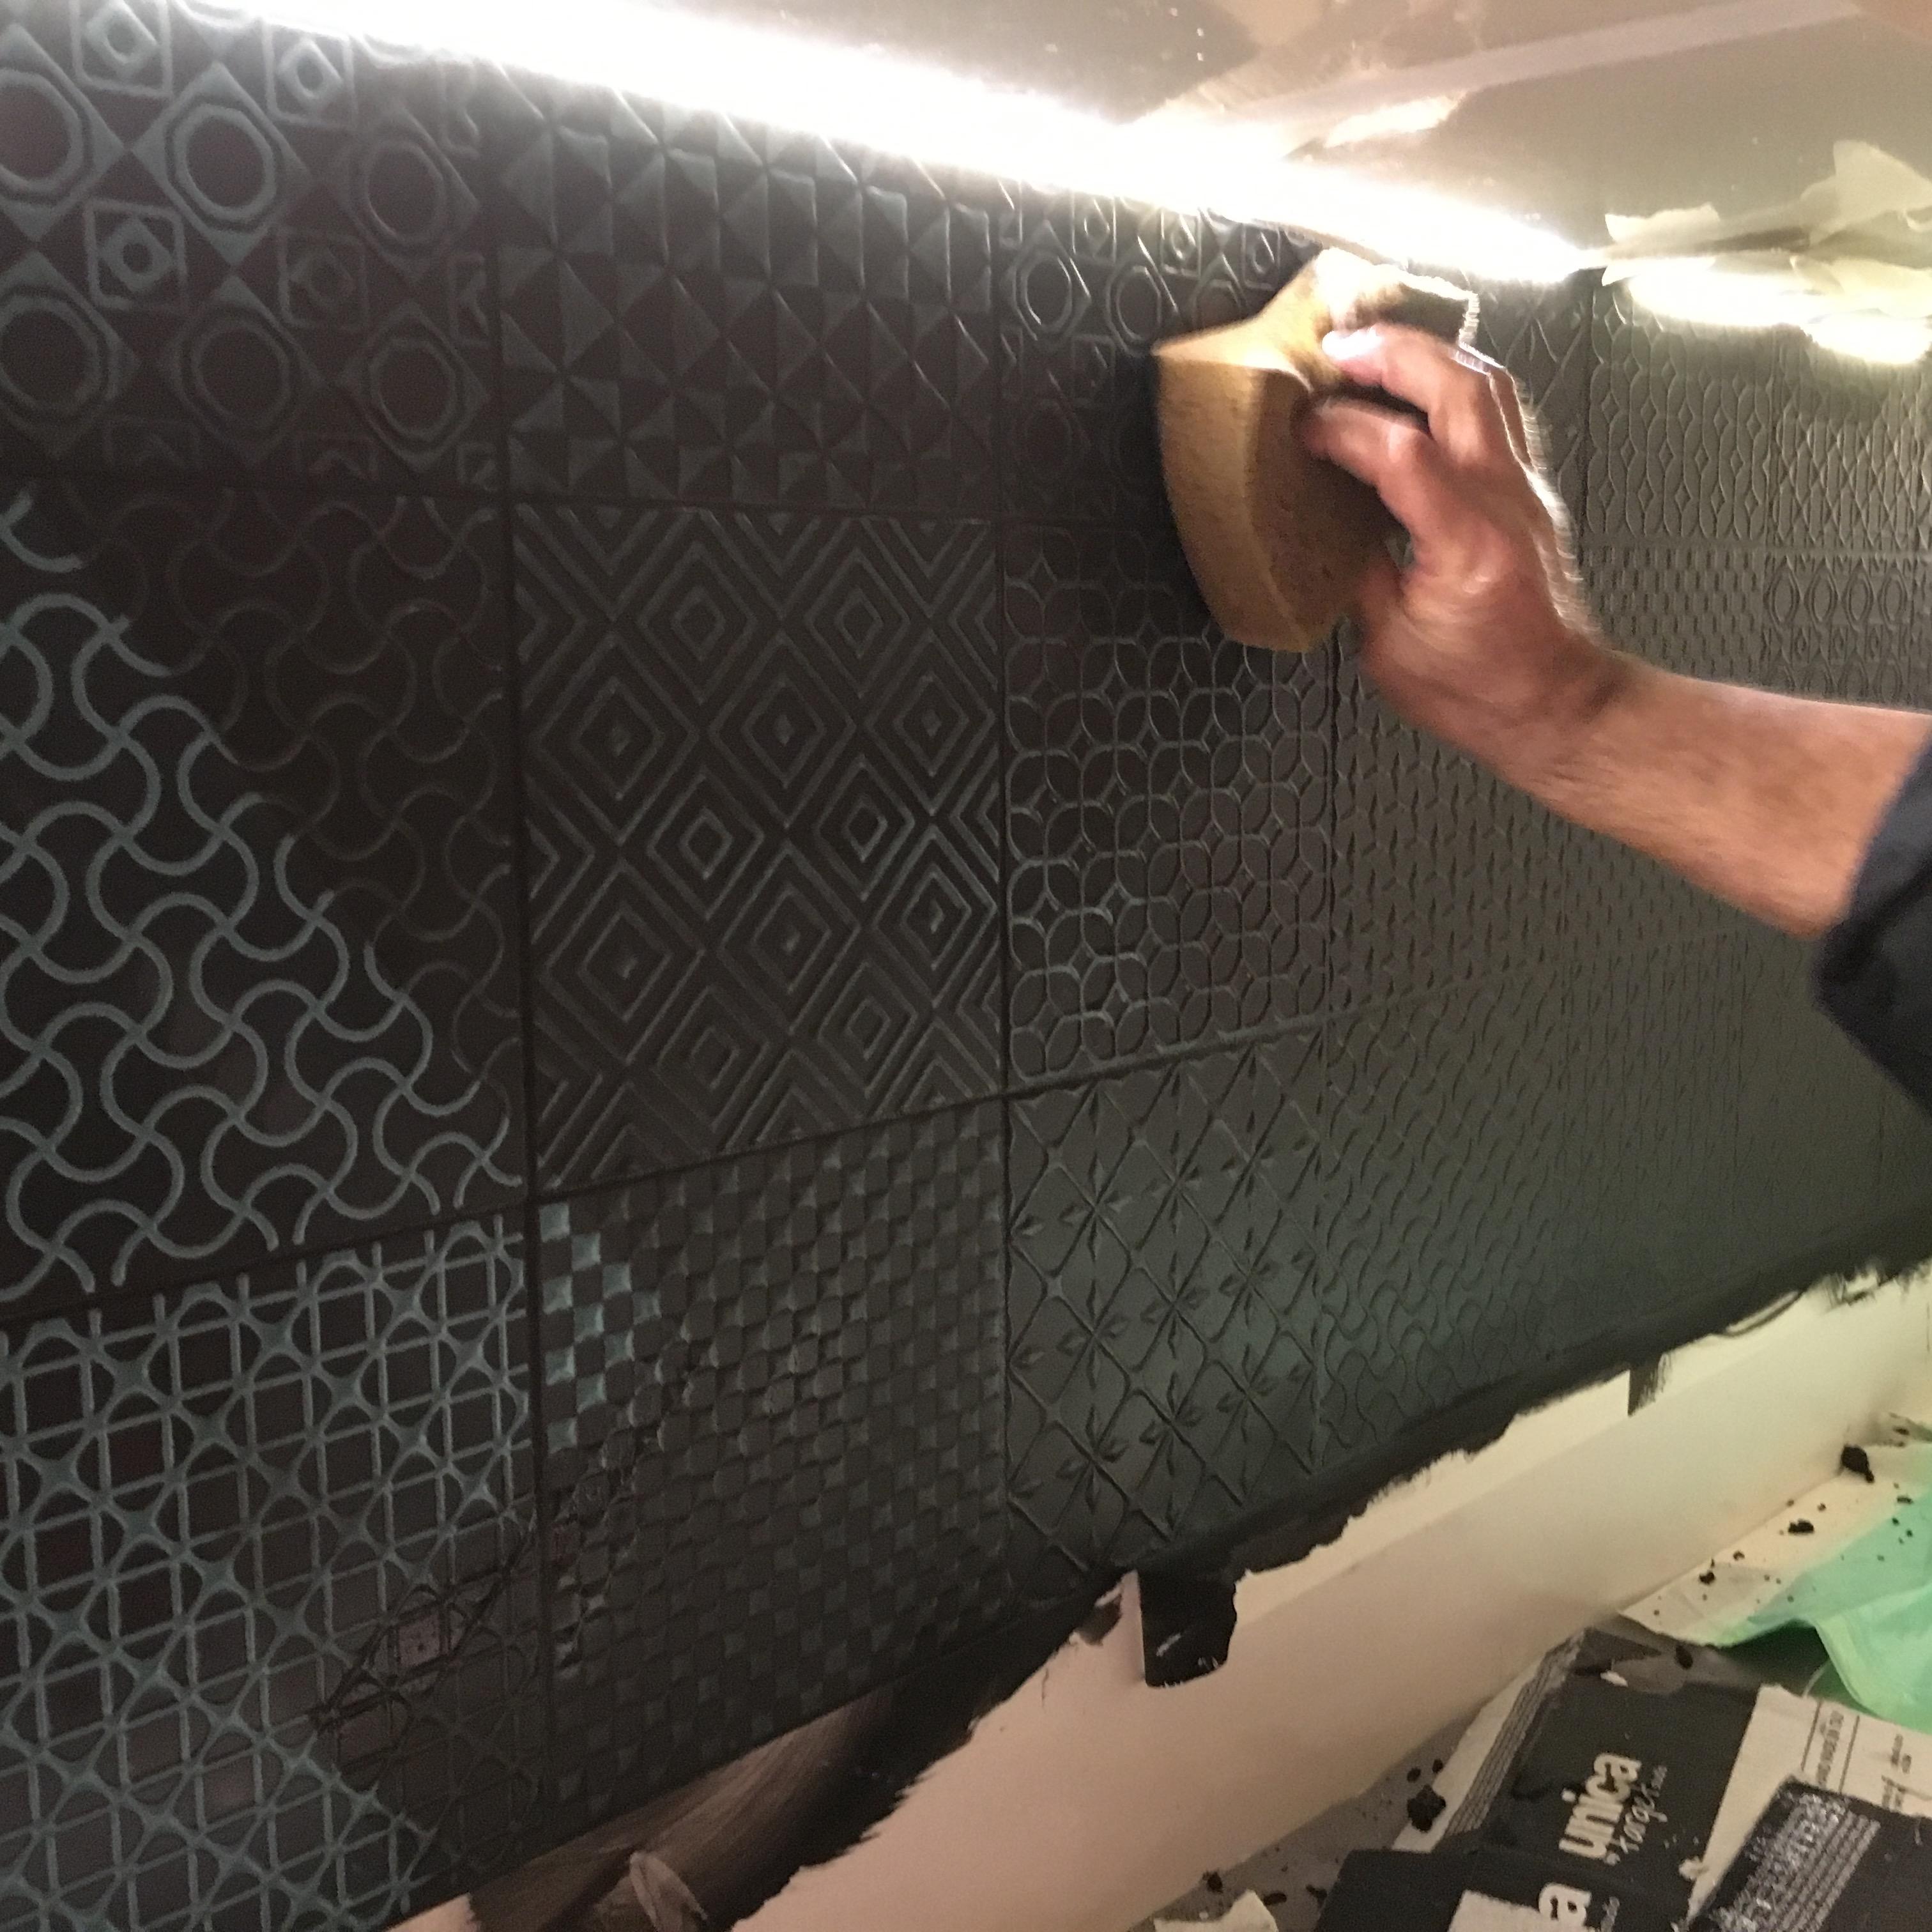 הדבקת קרמיקה על קיר מטבח